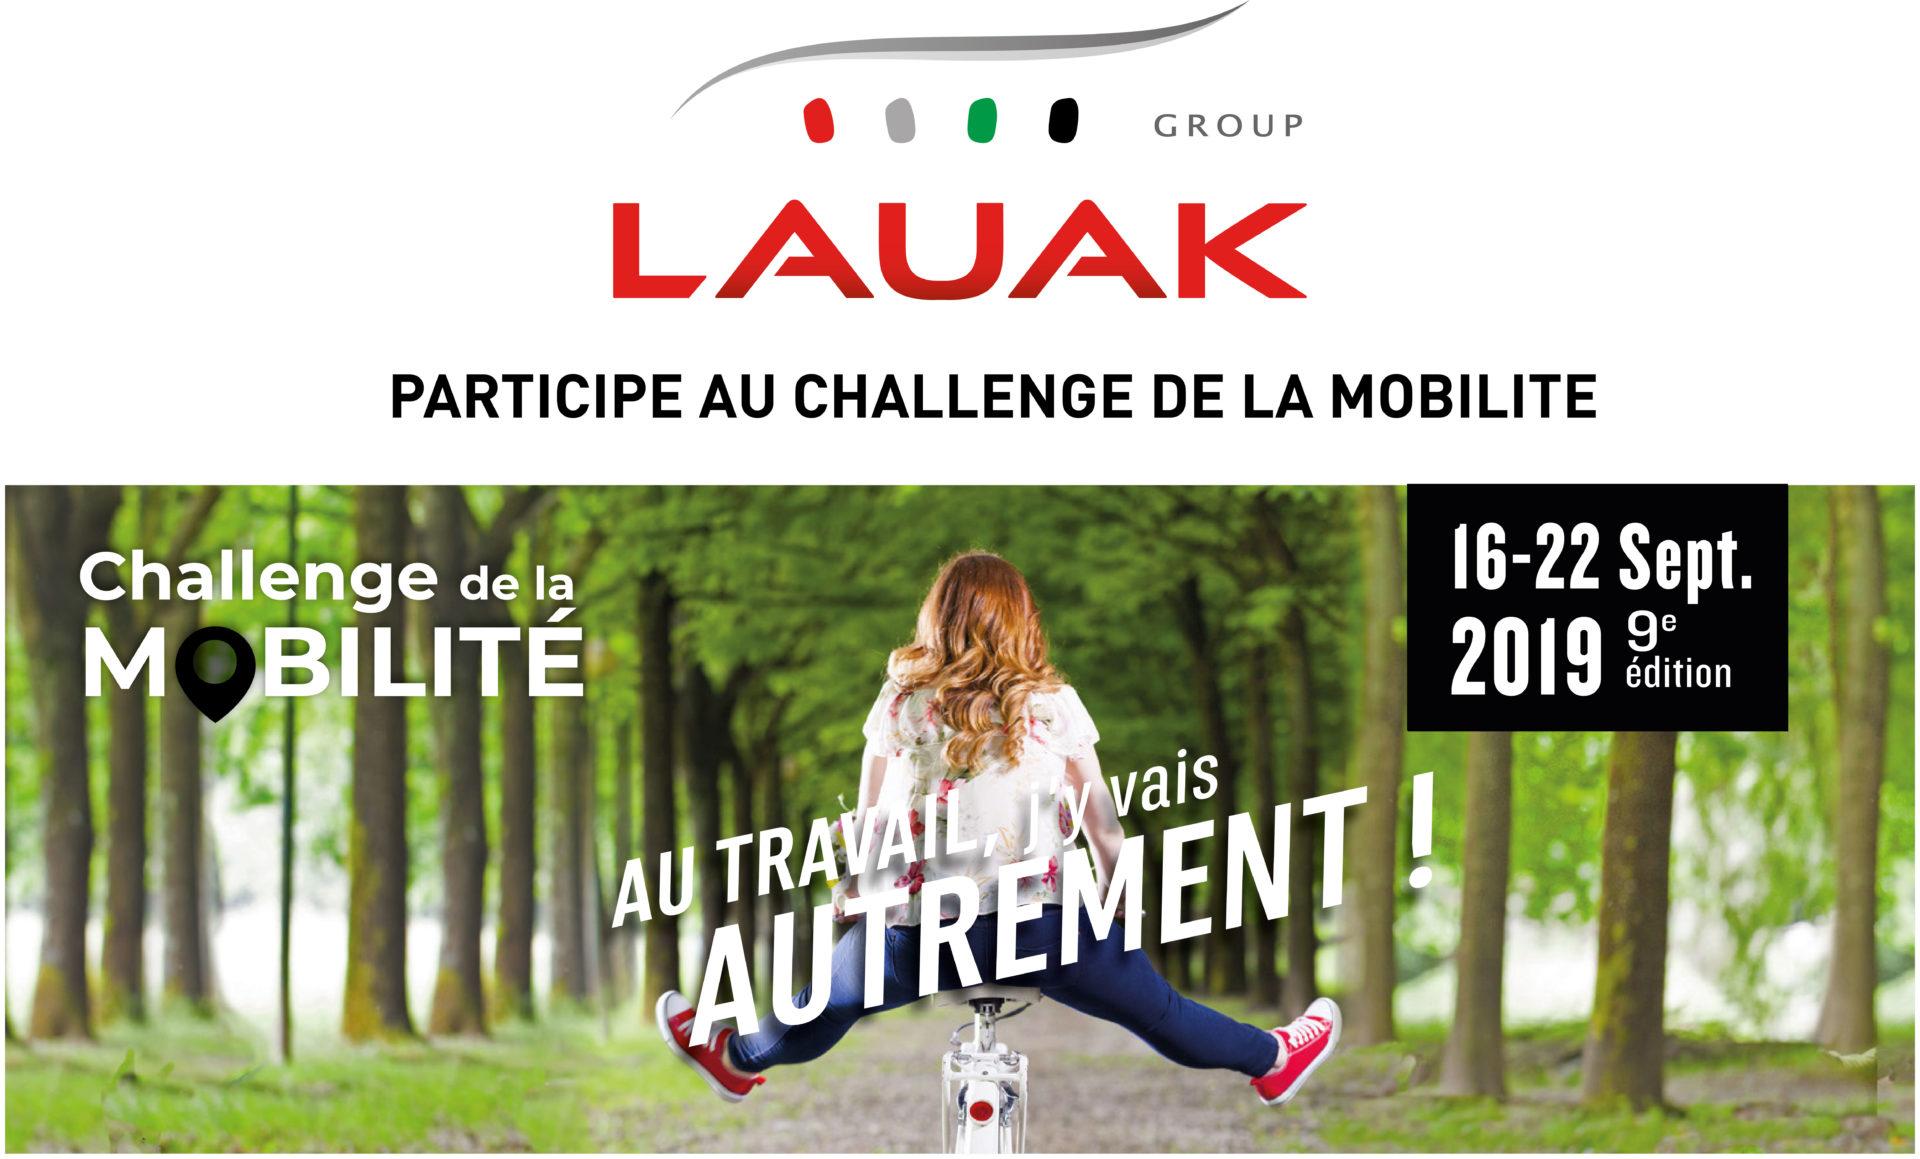 LAUAK PARTICIPE AU CHALLENGE DE LA MOBILITE